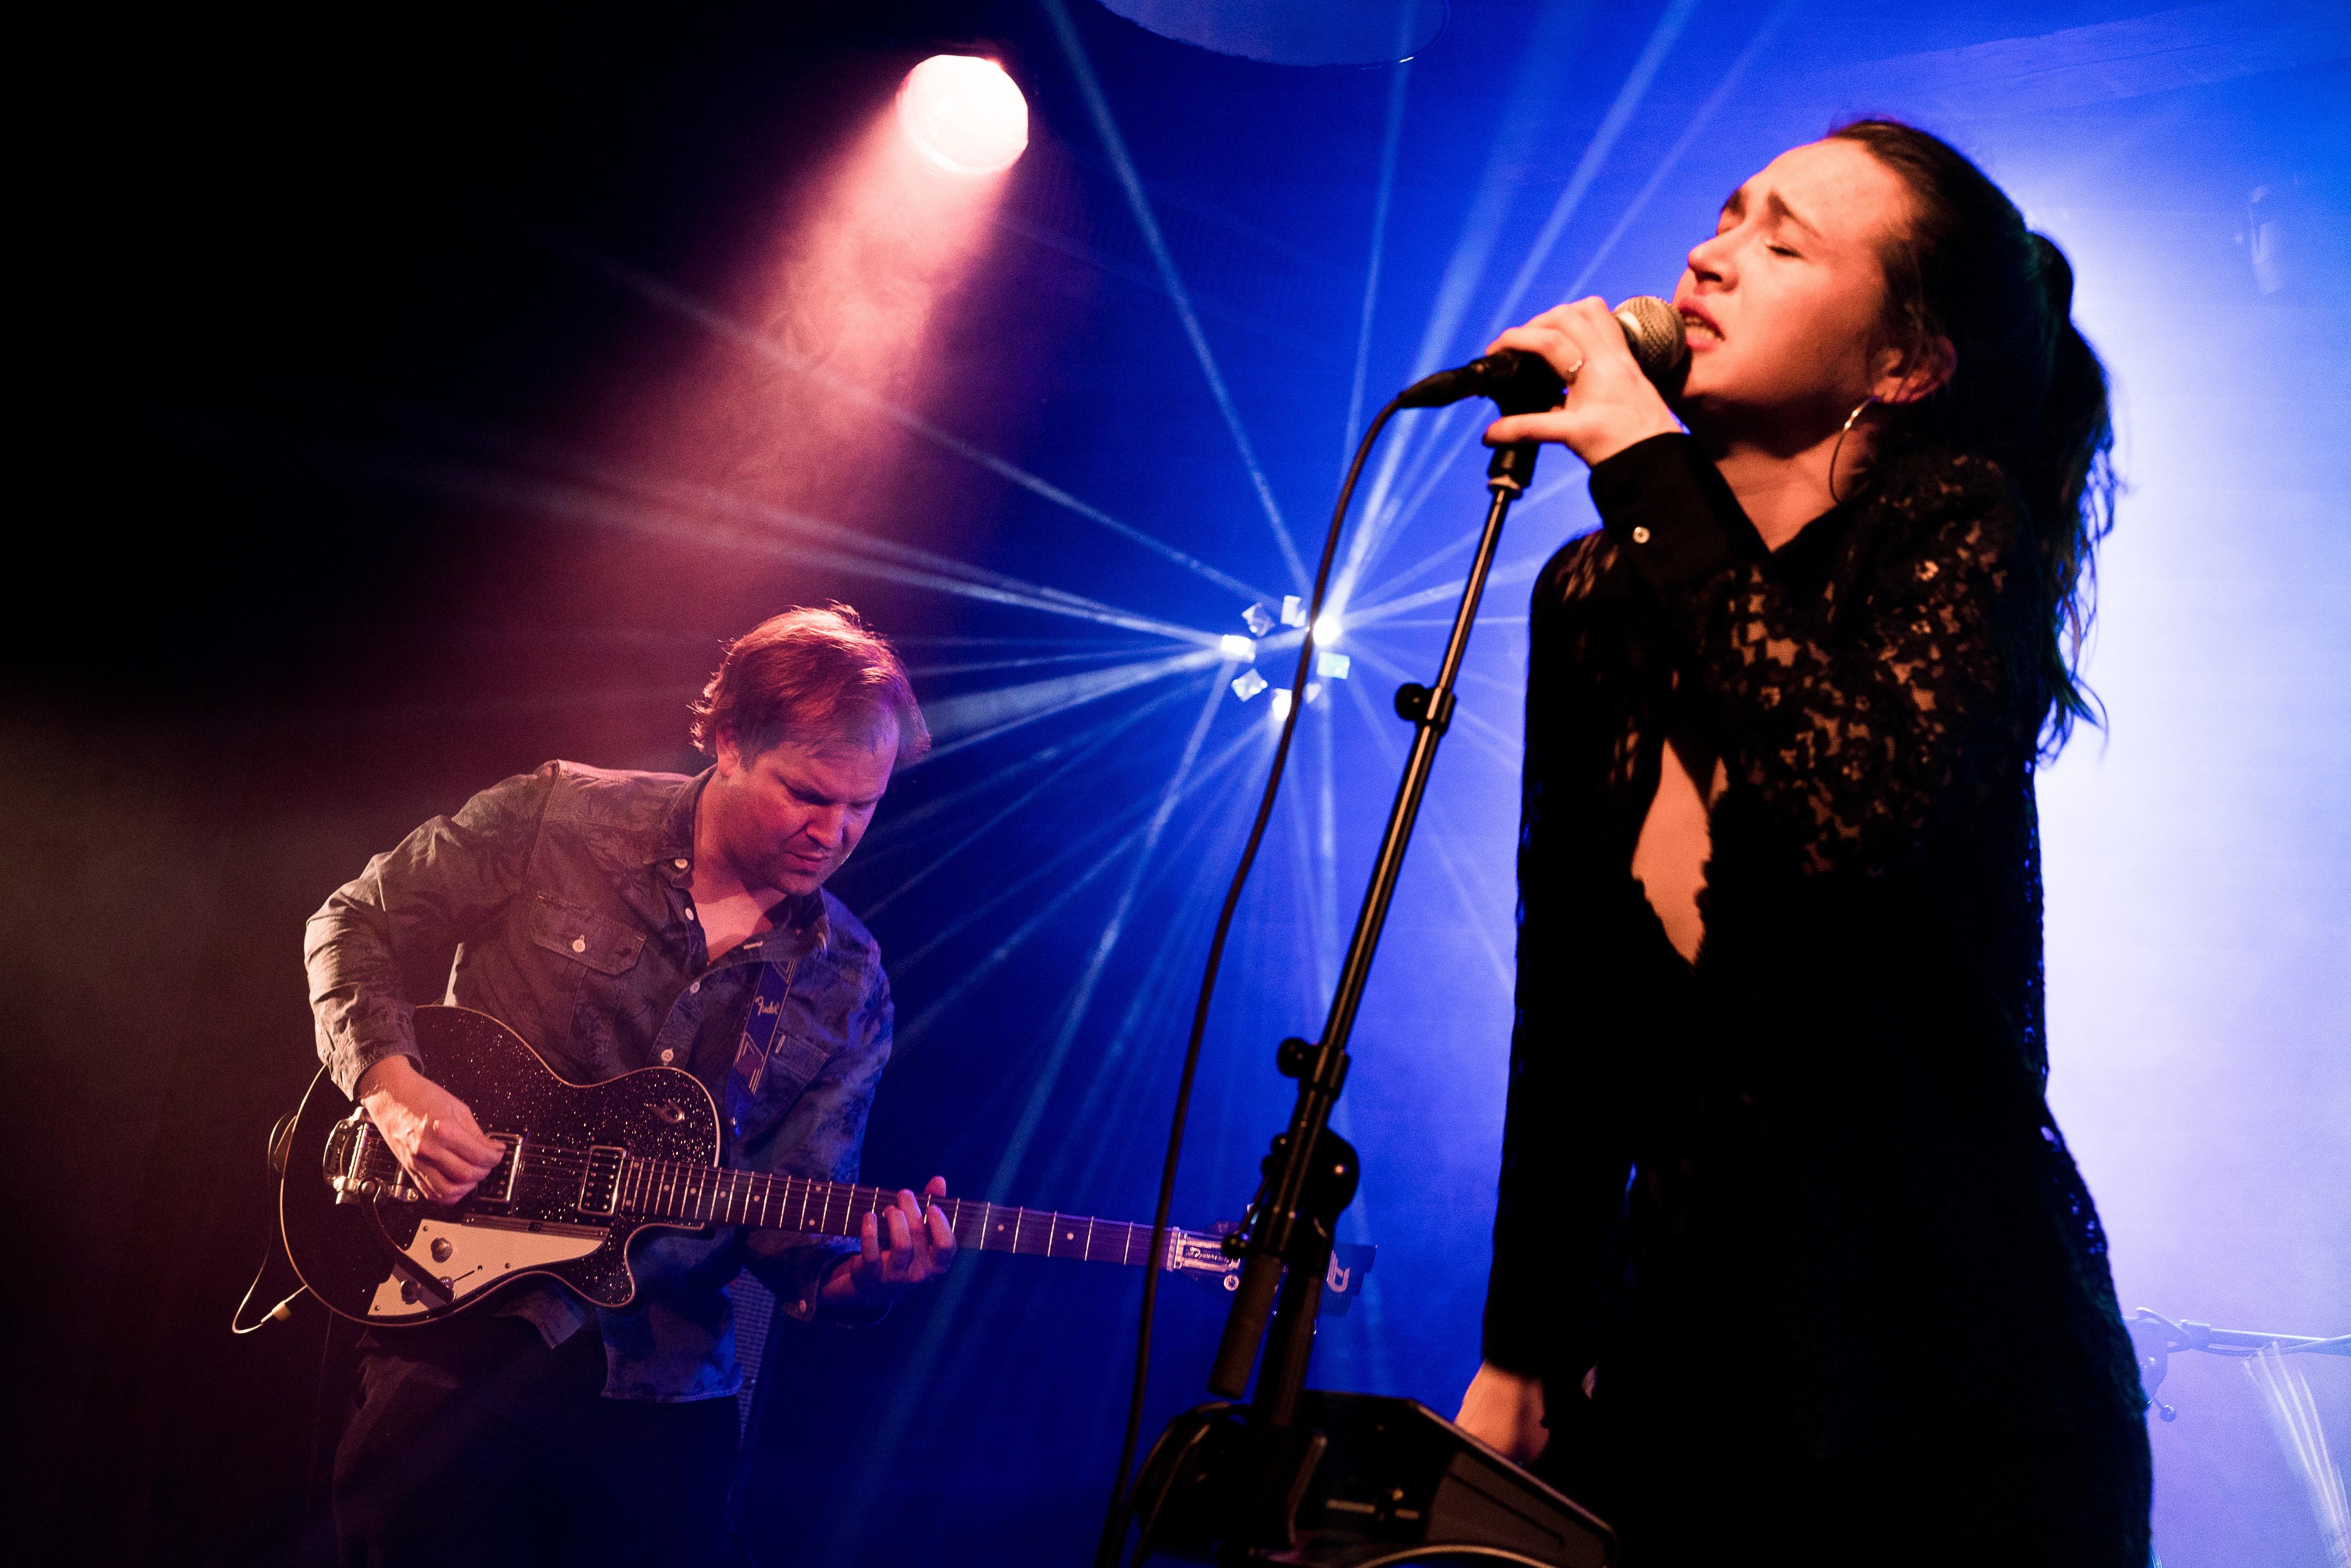 Auf einer Bühne, von einem Lichtspot beleuchtet machen zwei Leute Musik. Ein Mann an der Gitarre und eine Frau, die singt.